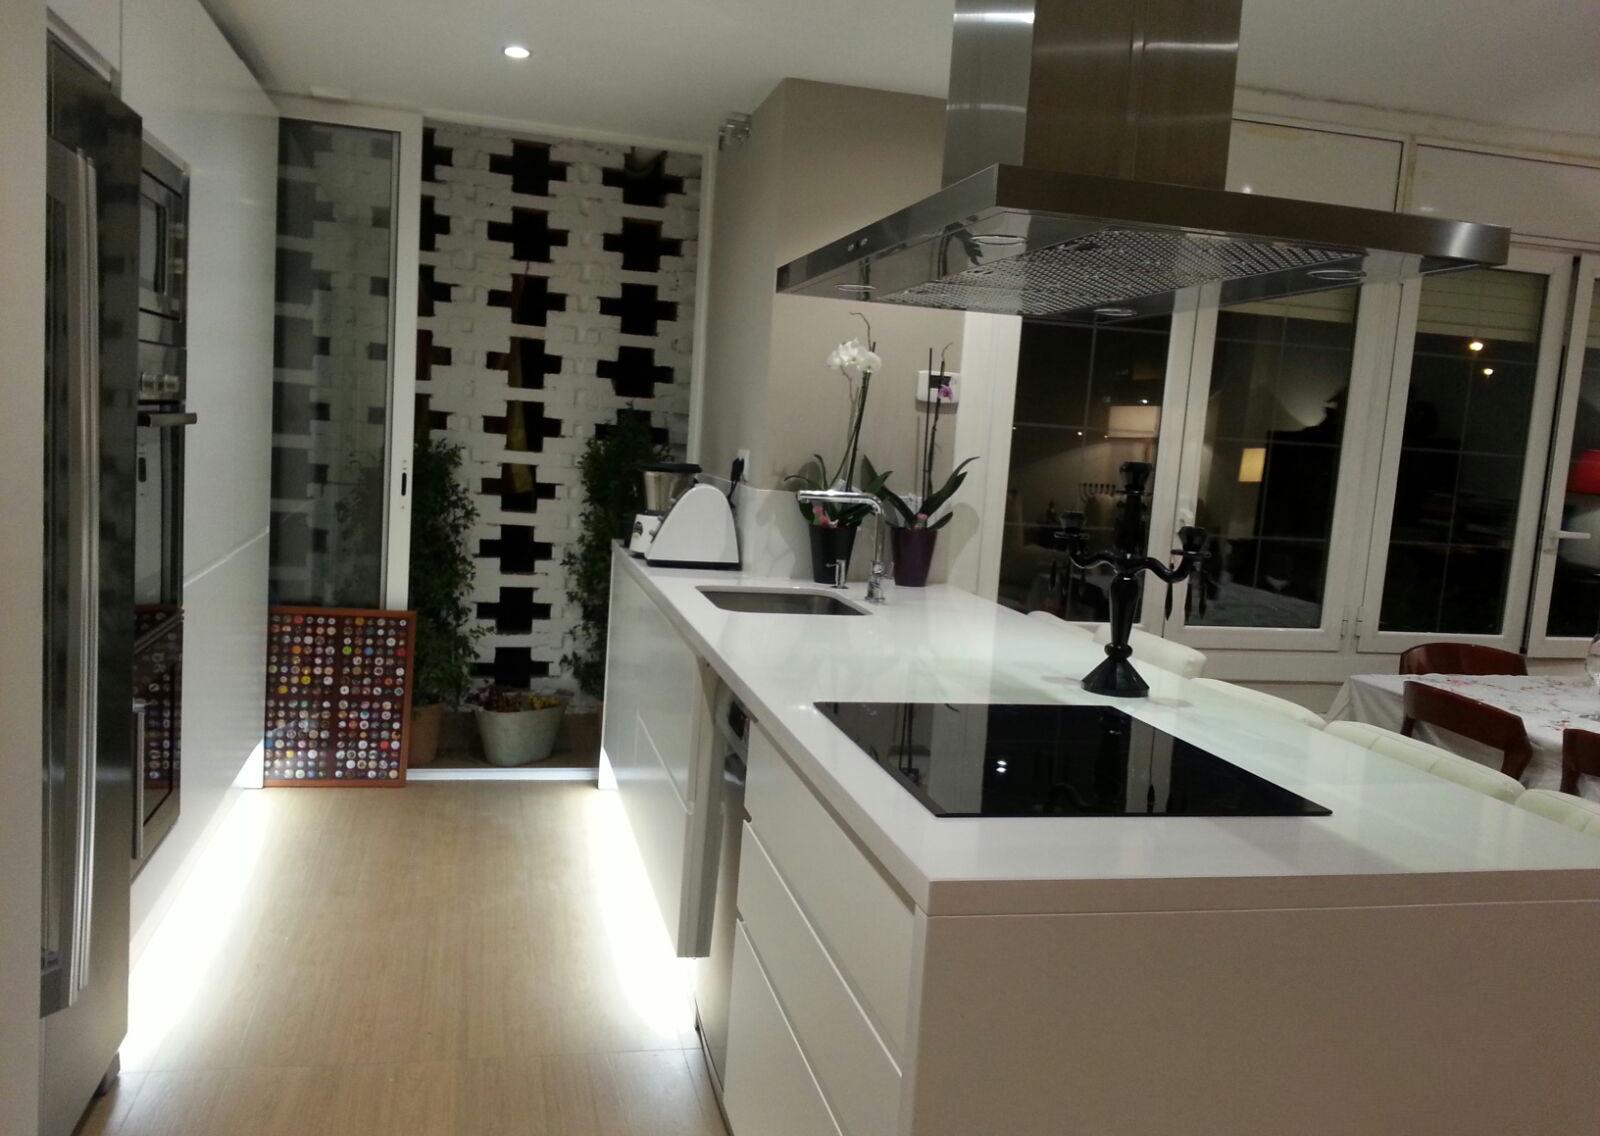 Limpiar Muebles De Cocina Laminados | Muebles Laminados